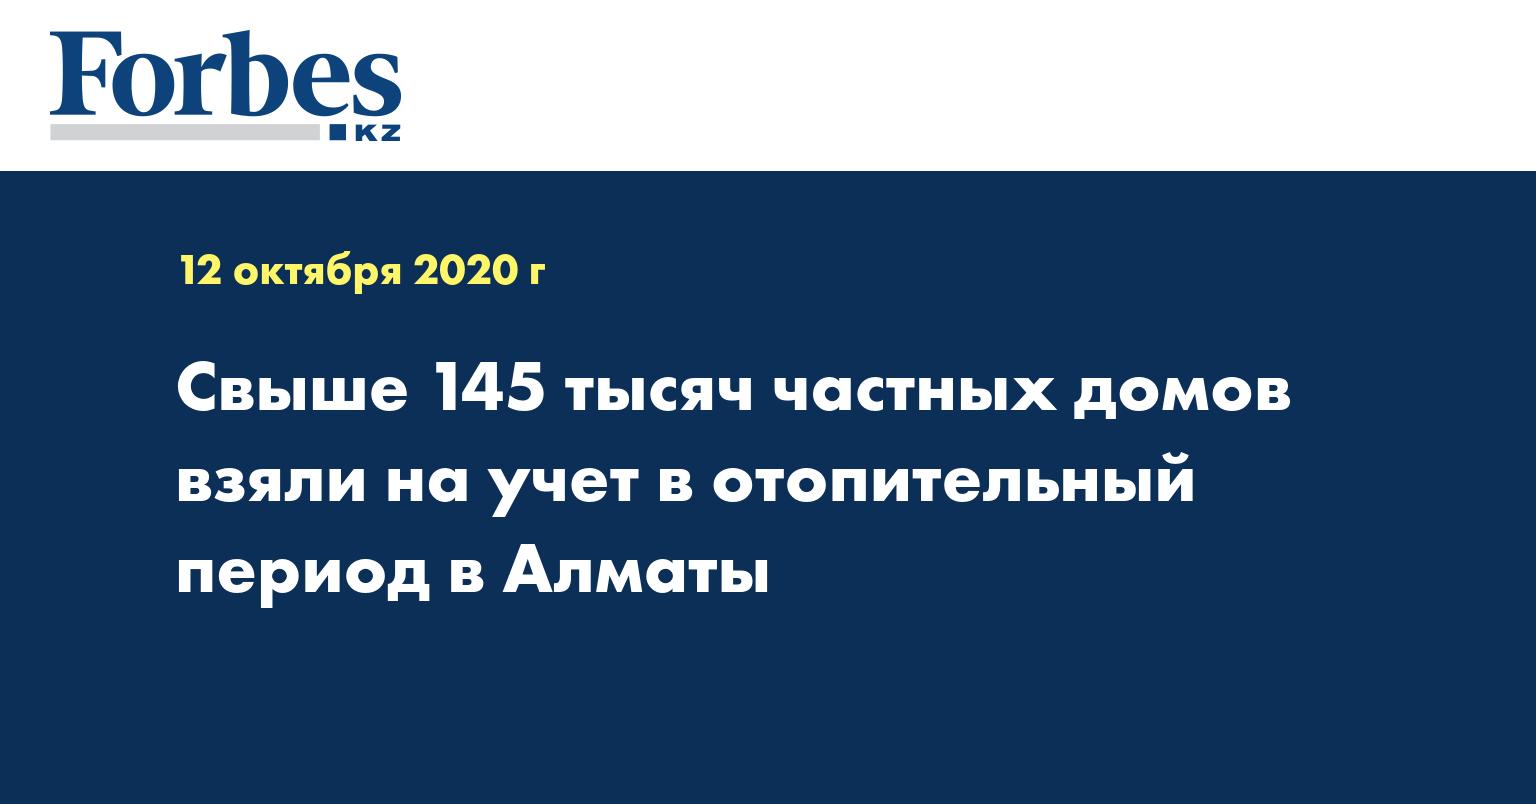 Свыше 145 тысяч частных домов взяли на учет в отопительный период в Алматы